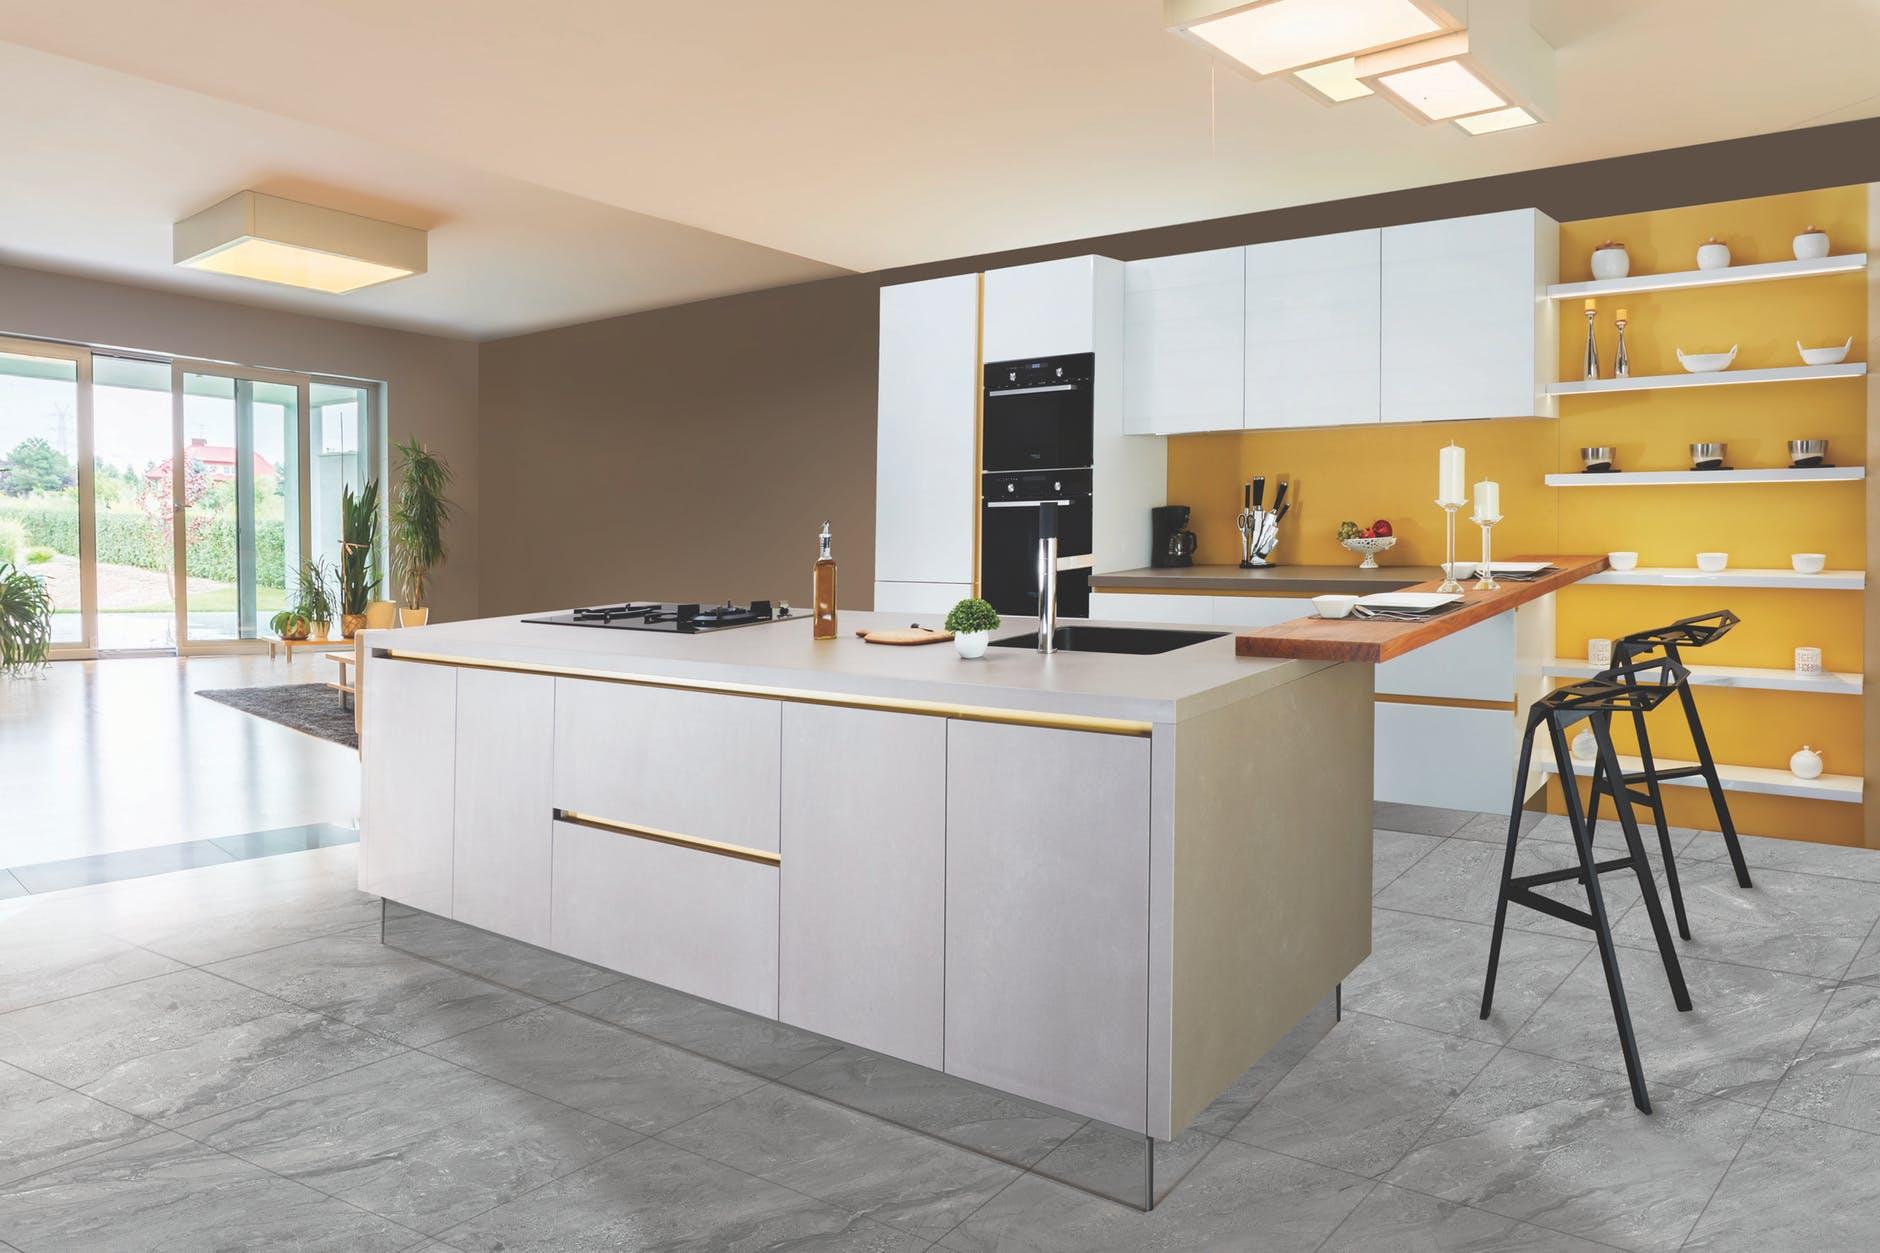 Stellar Kitchen & Cabinets 4